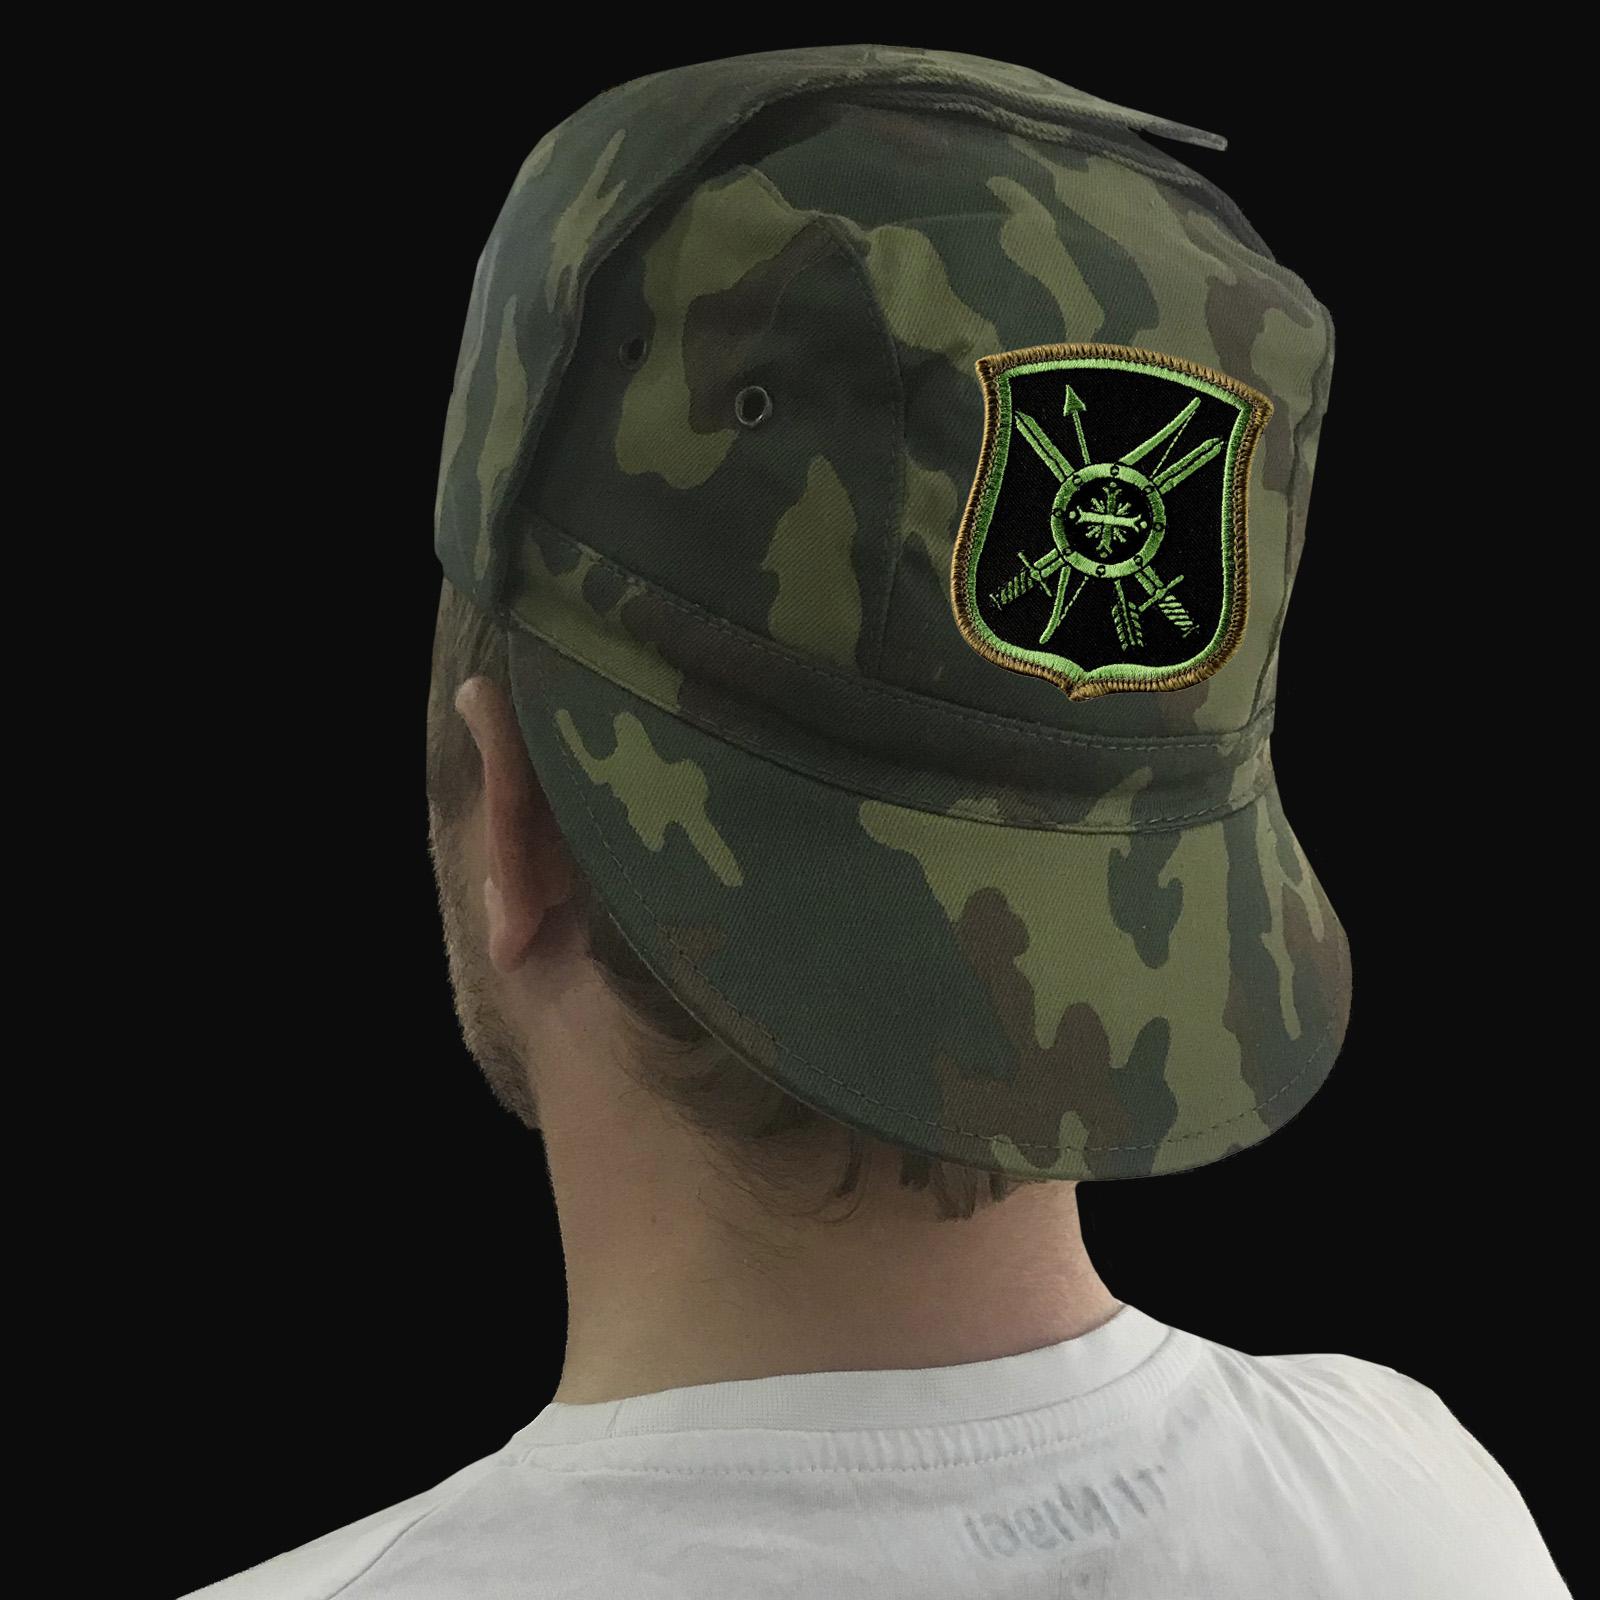 Продажа мужских кепок в стиле милитари с шевронами Ракетных войск стратегического назначения